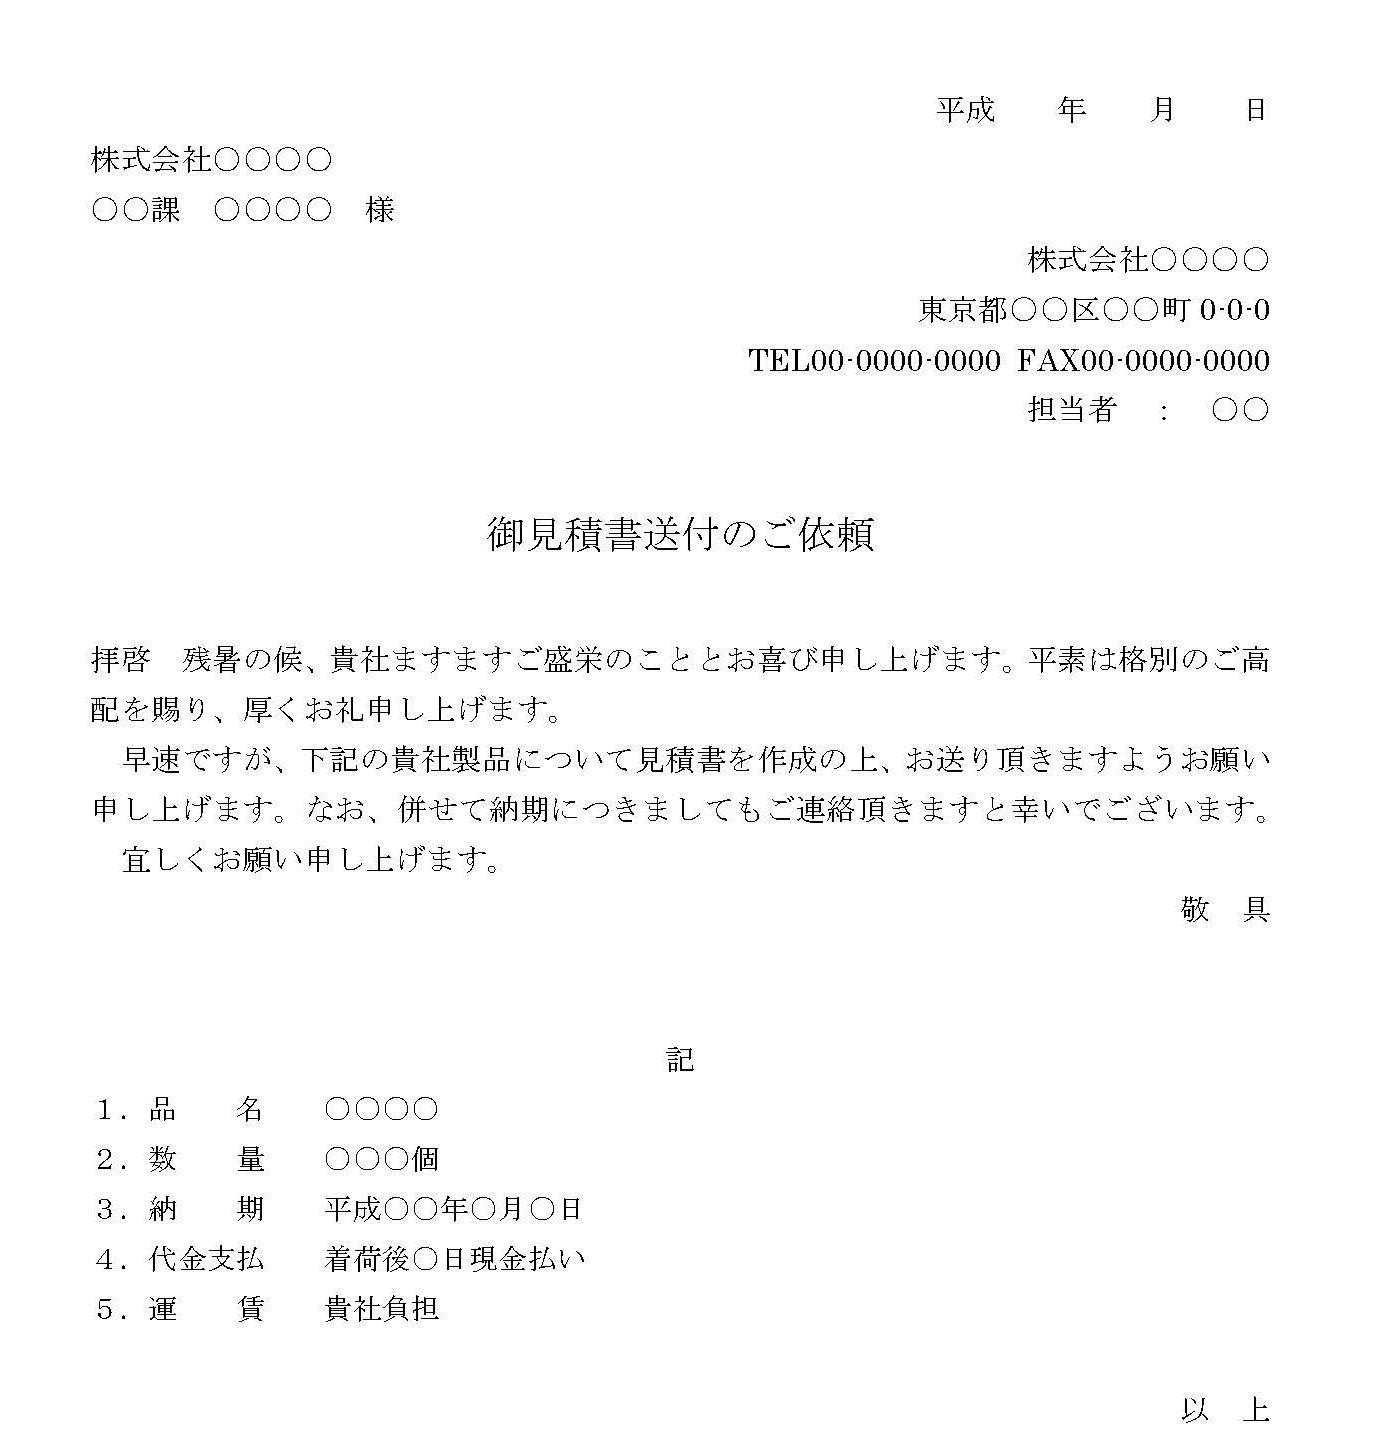 依頼状(見積書)04